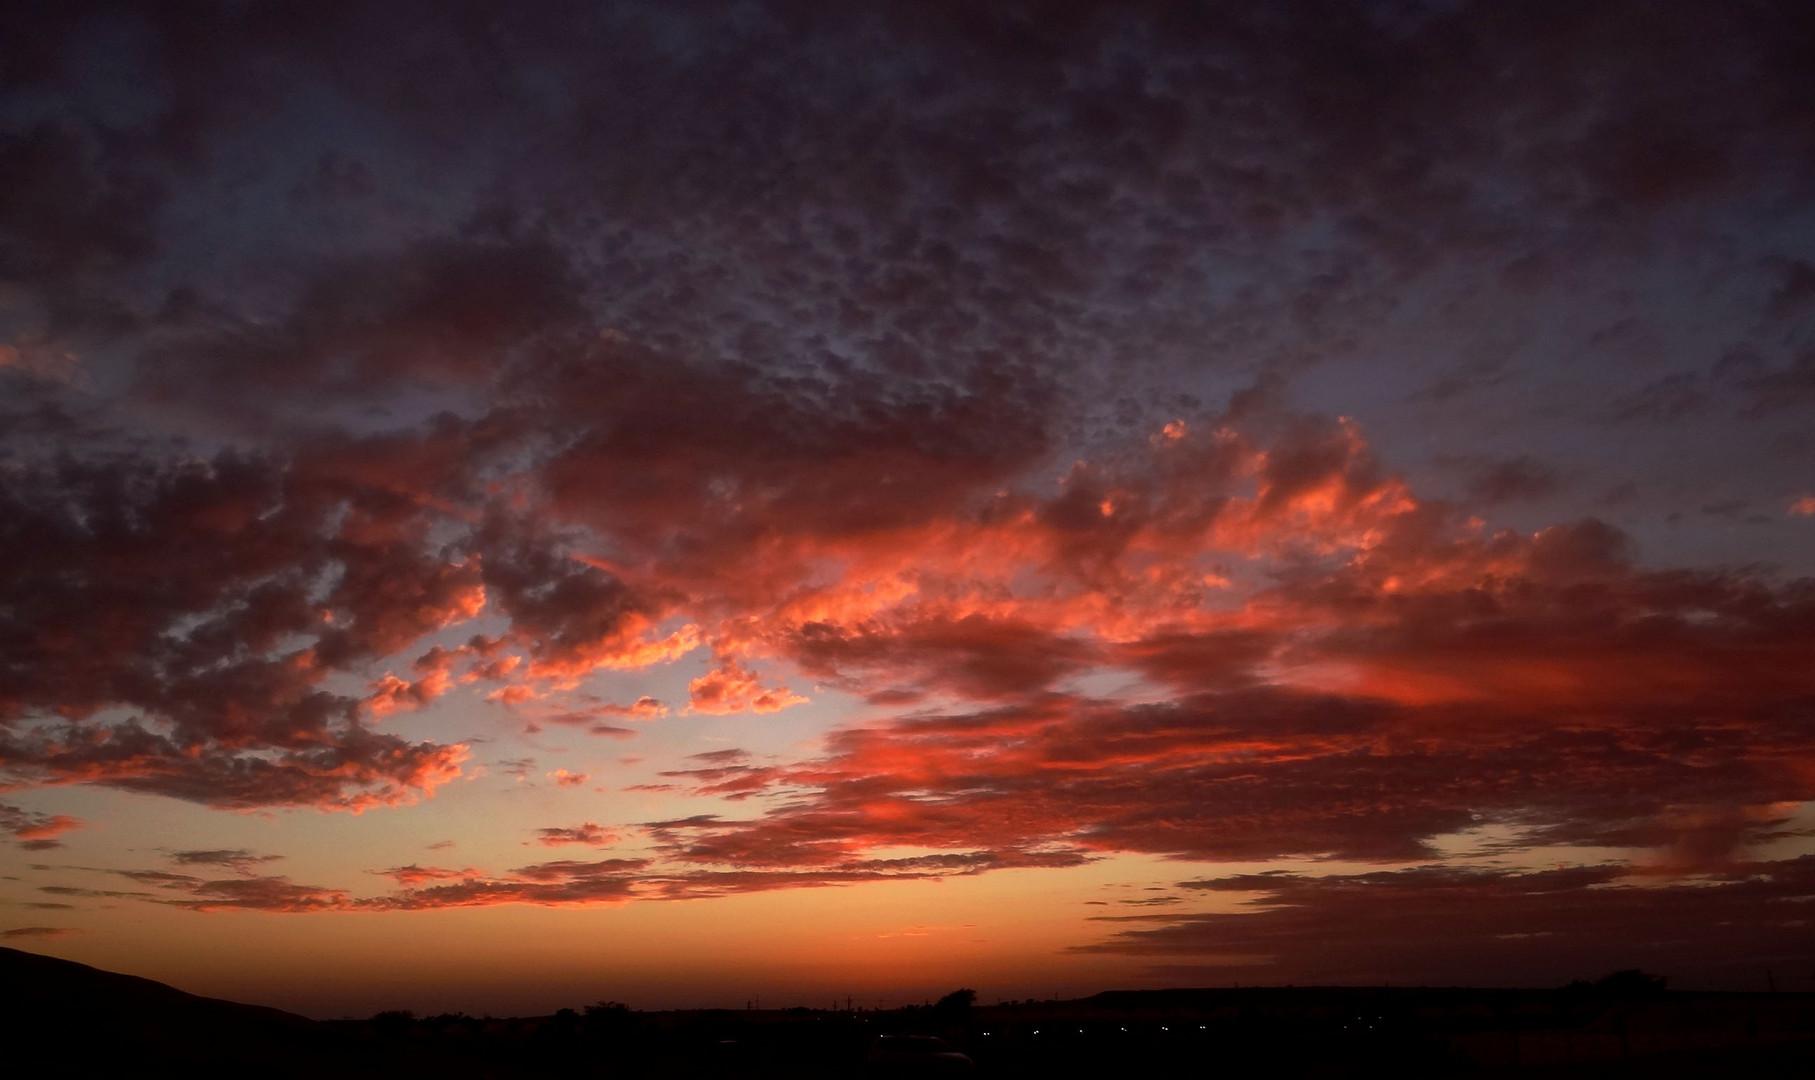 Sonnenuntergang in der Wüste Thar Indien